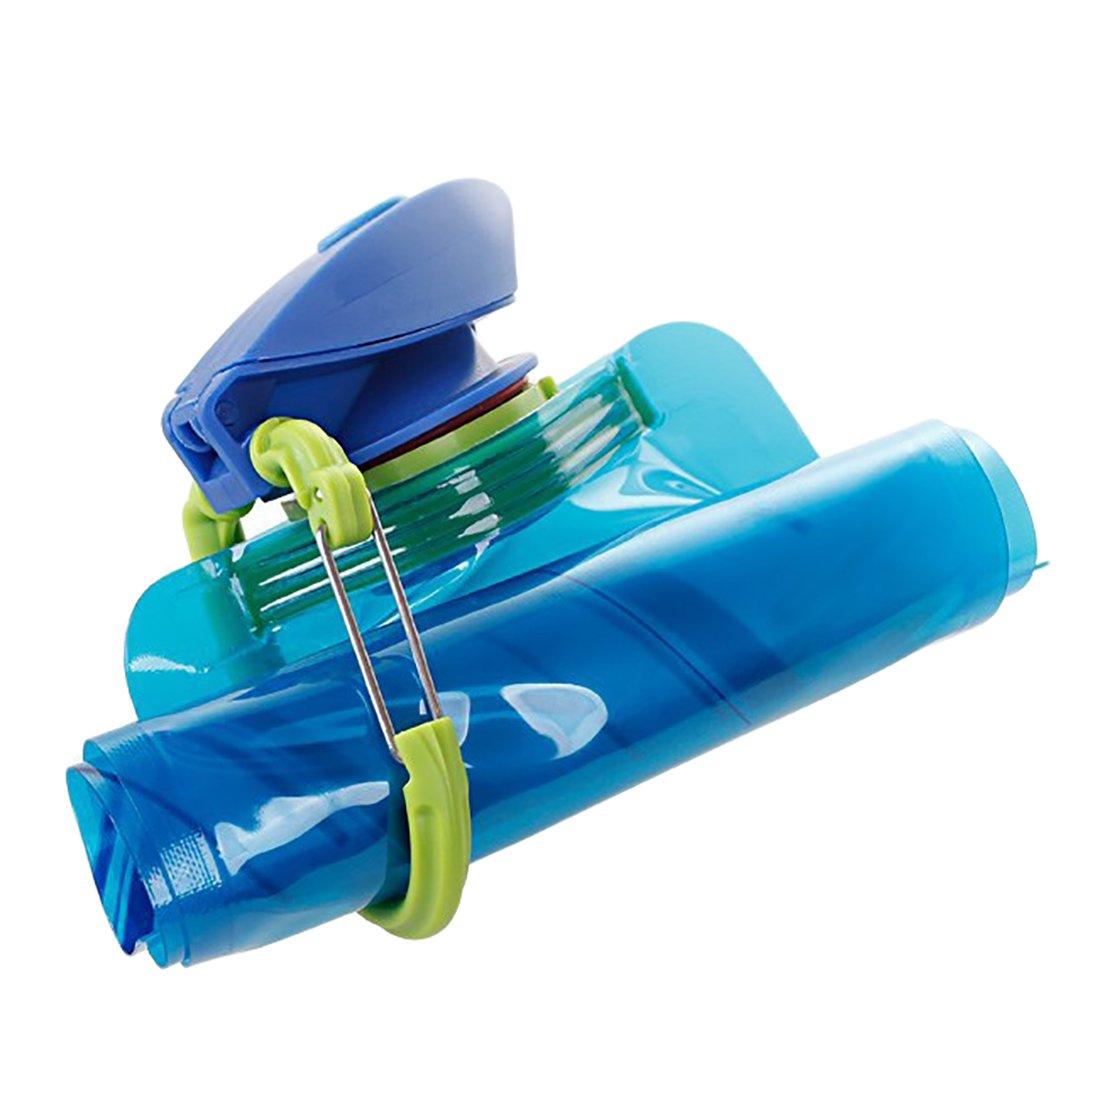 Xixik Botella 3 Pieza Plegable Botella de Agua Deportes Botella Botella Deportes Bicicleta para niños, Fitness, Gimnasio, Bicicleta, Deportes, Fútbol, ...